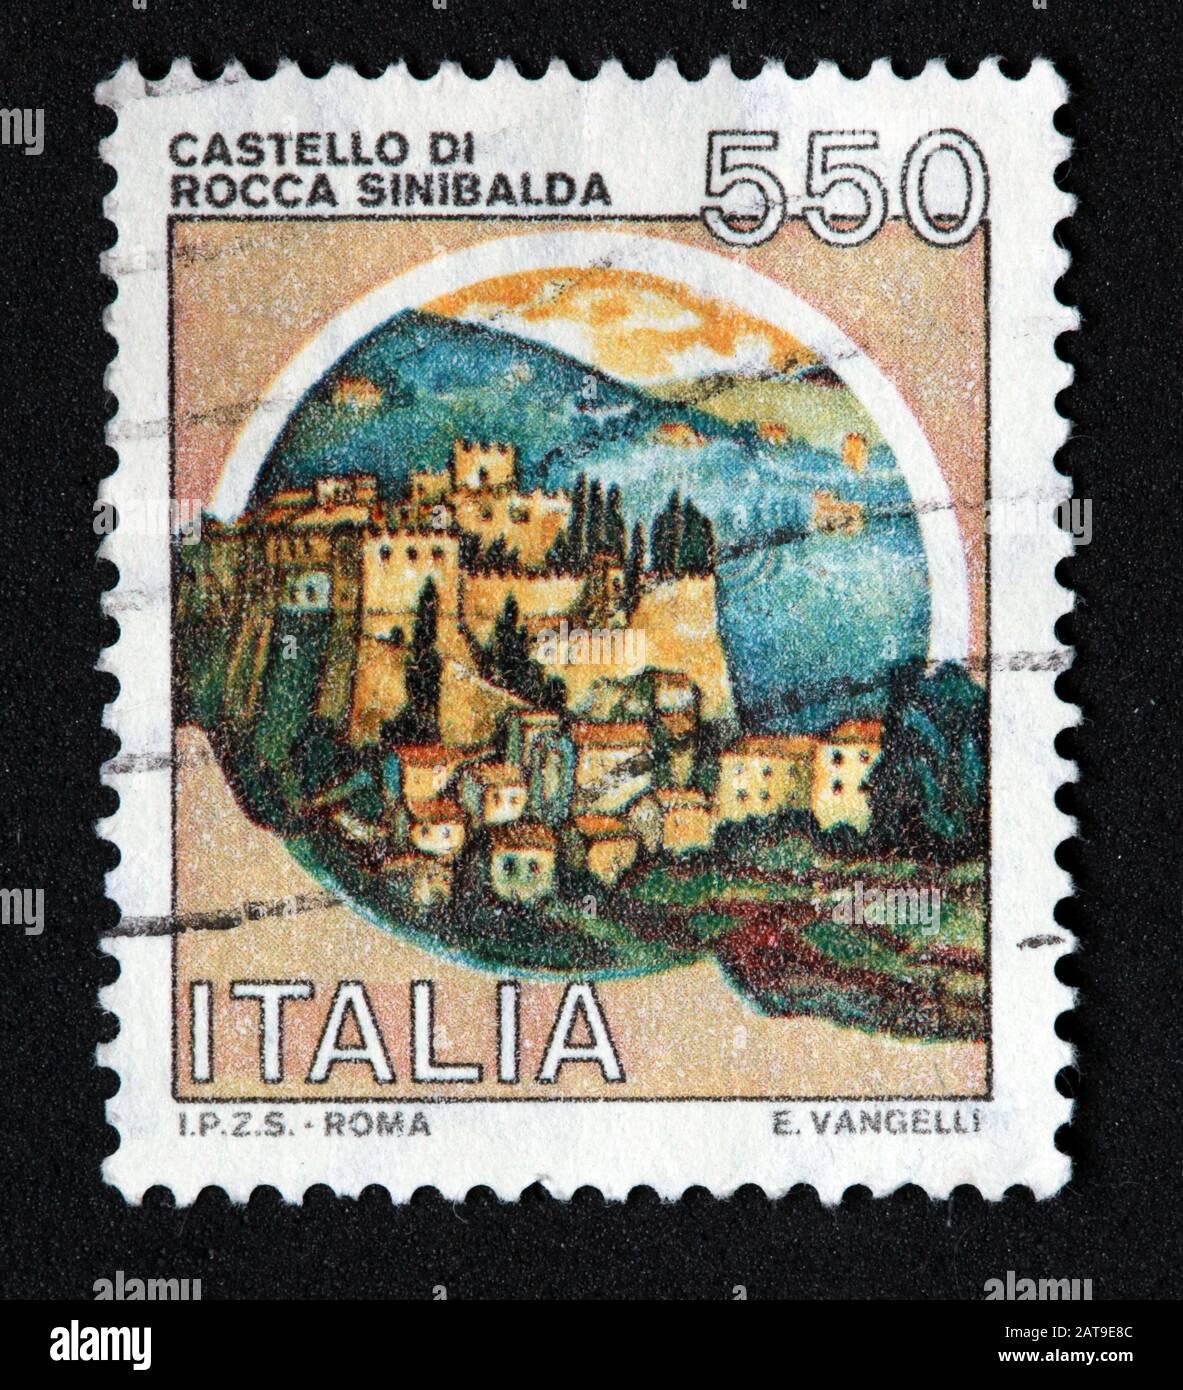 Hotpixuk,@Hotpixuk,GoTonySmith,stamp,postal,franked,frank,used stamps,used franked,used,franked stamp,from envelope,history,historic,old,Italy,Italian,Italia,Italy Stamp,Rome,Roma,550,550L,550Lira,550Lire,Italia 550lire,E.Vangelli,italian stamp,franked Italian stamp,used Italian stamp,Italy stamp